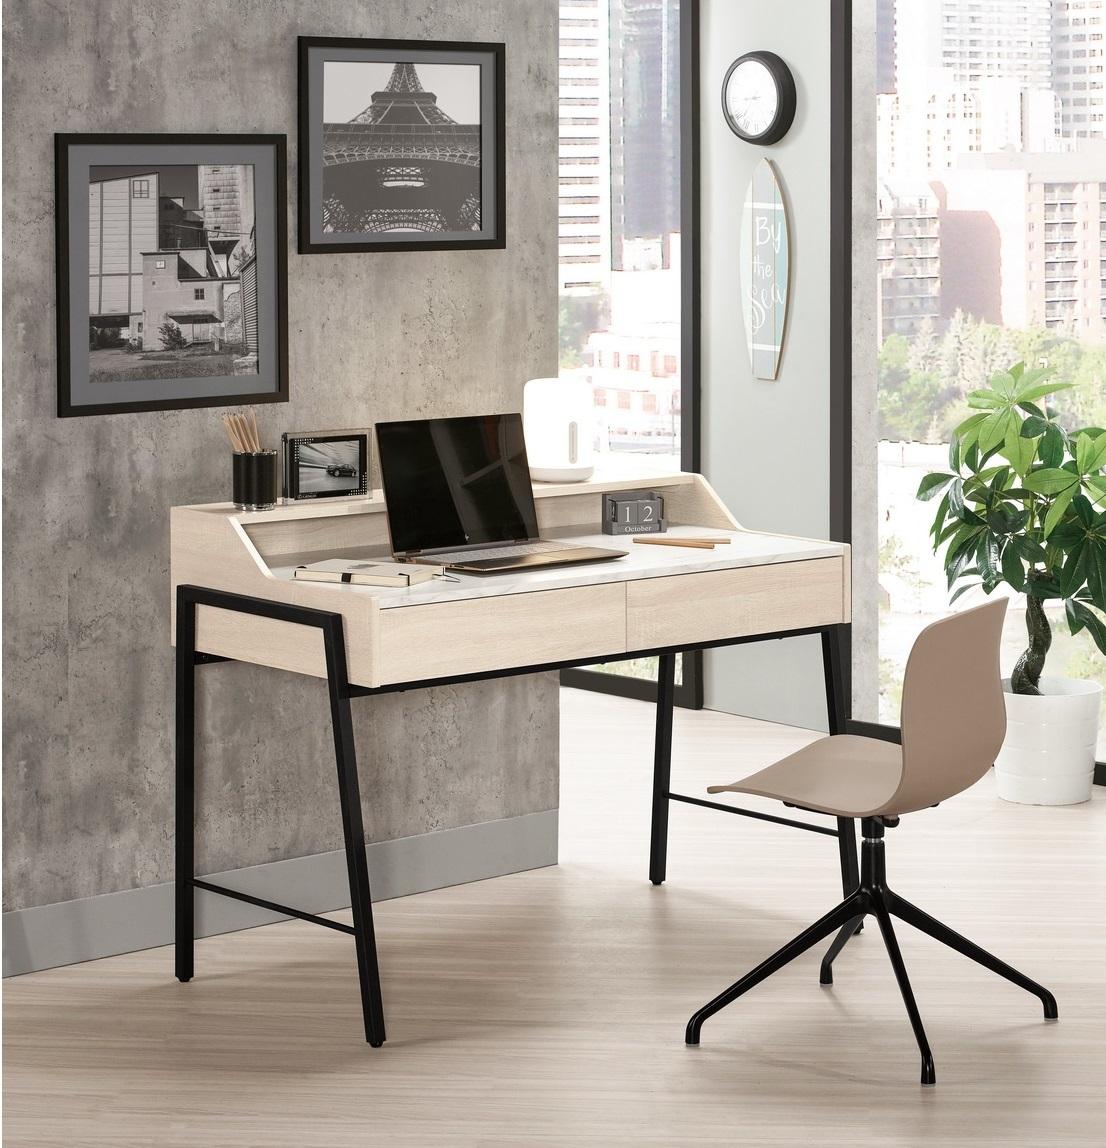 350-1 丹妮拉4尺書桌.jpg